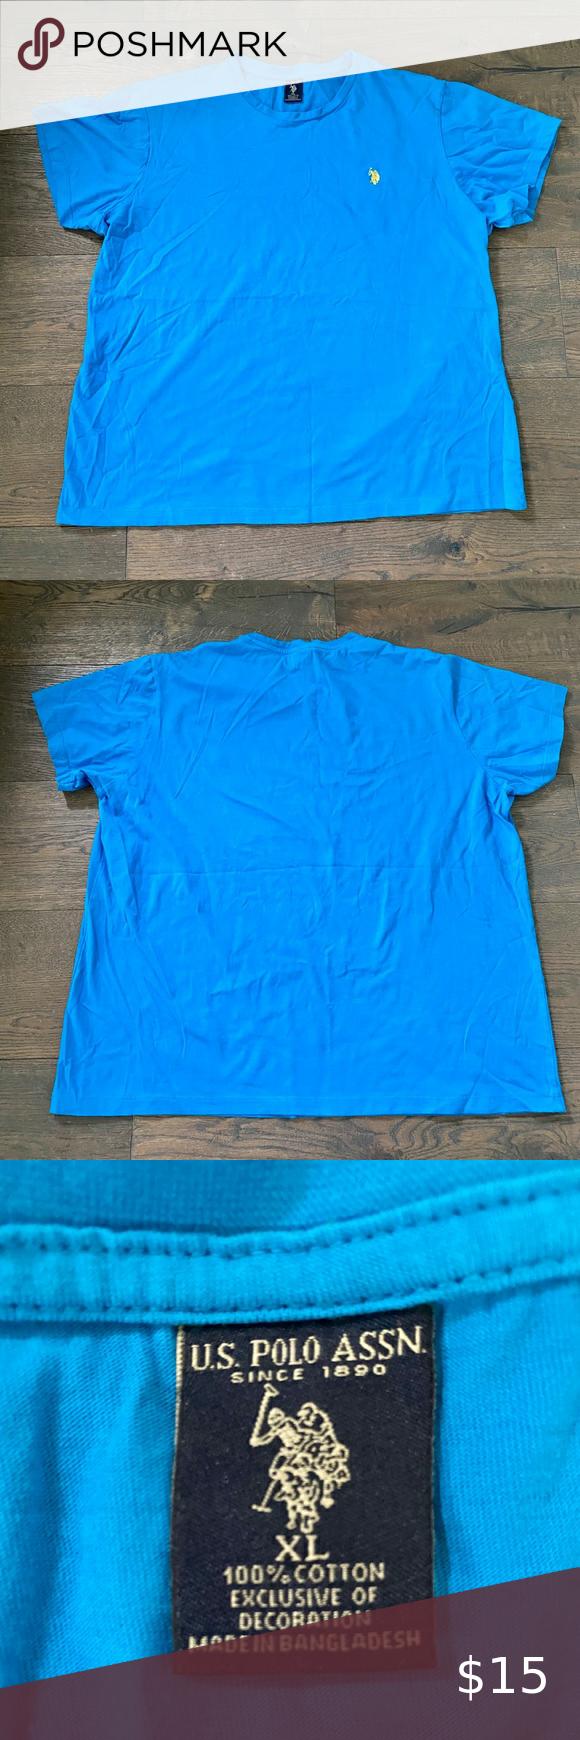 Men S U S Polo Blue T Shirt Blue Tshirt Polo Blue Polo T Shirts